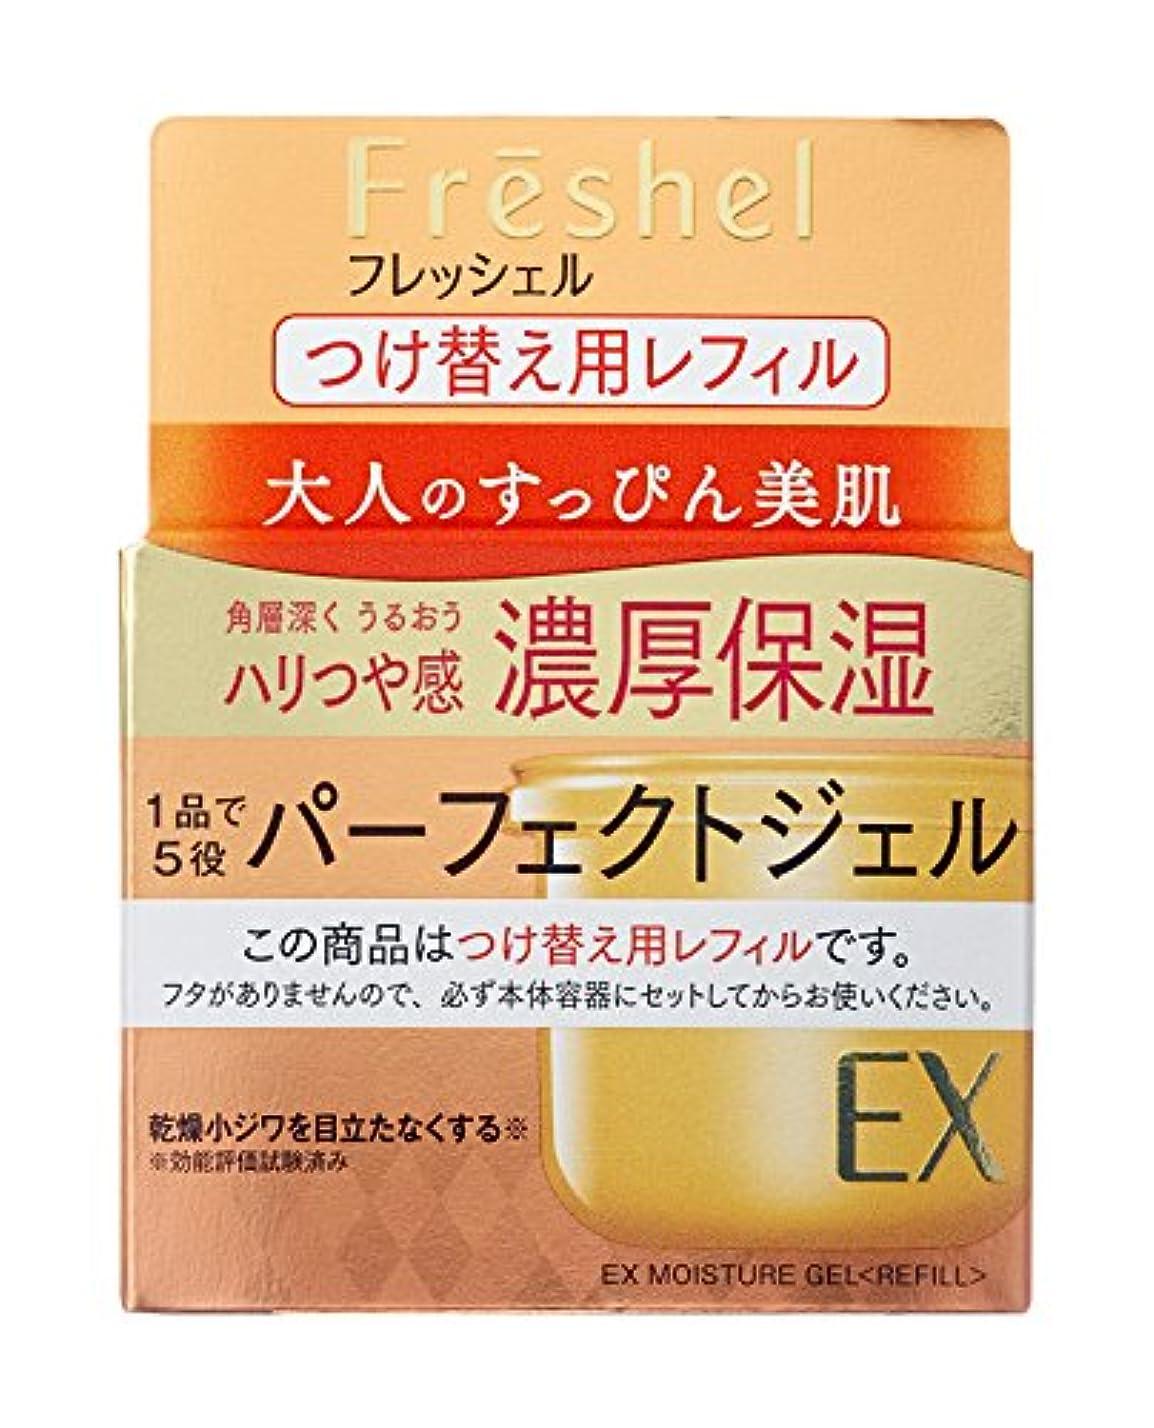 絶妙シチリア刺繍フレッシェル クリーム アクアモイスチャージェル EX 濃厚保湿 N<R> 80g